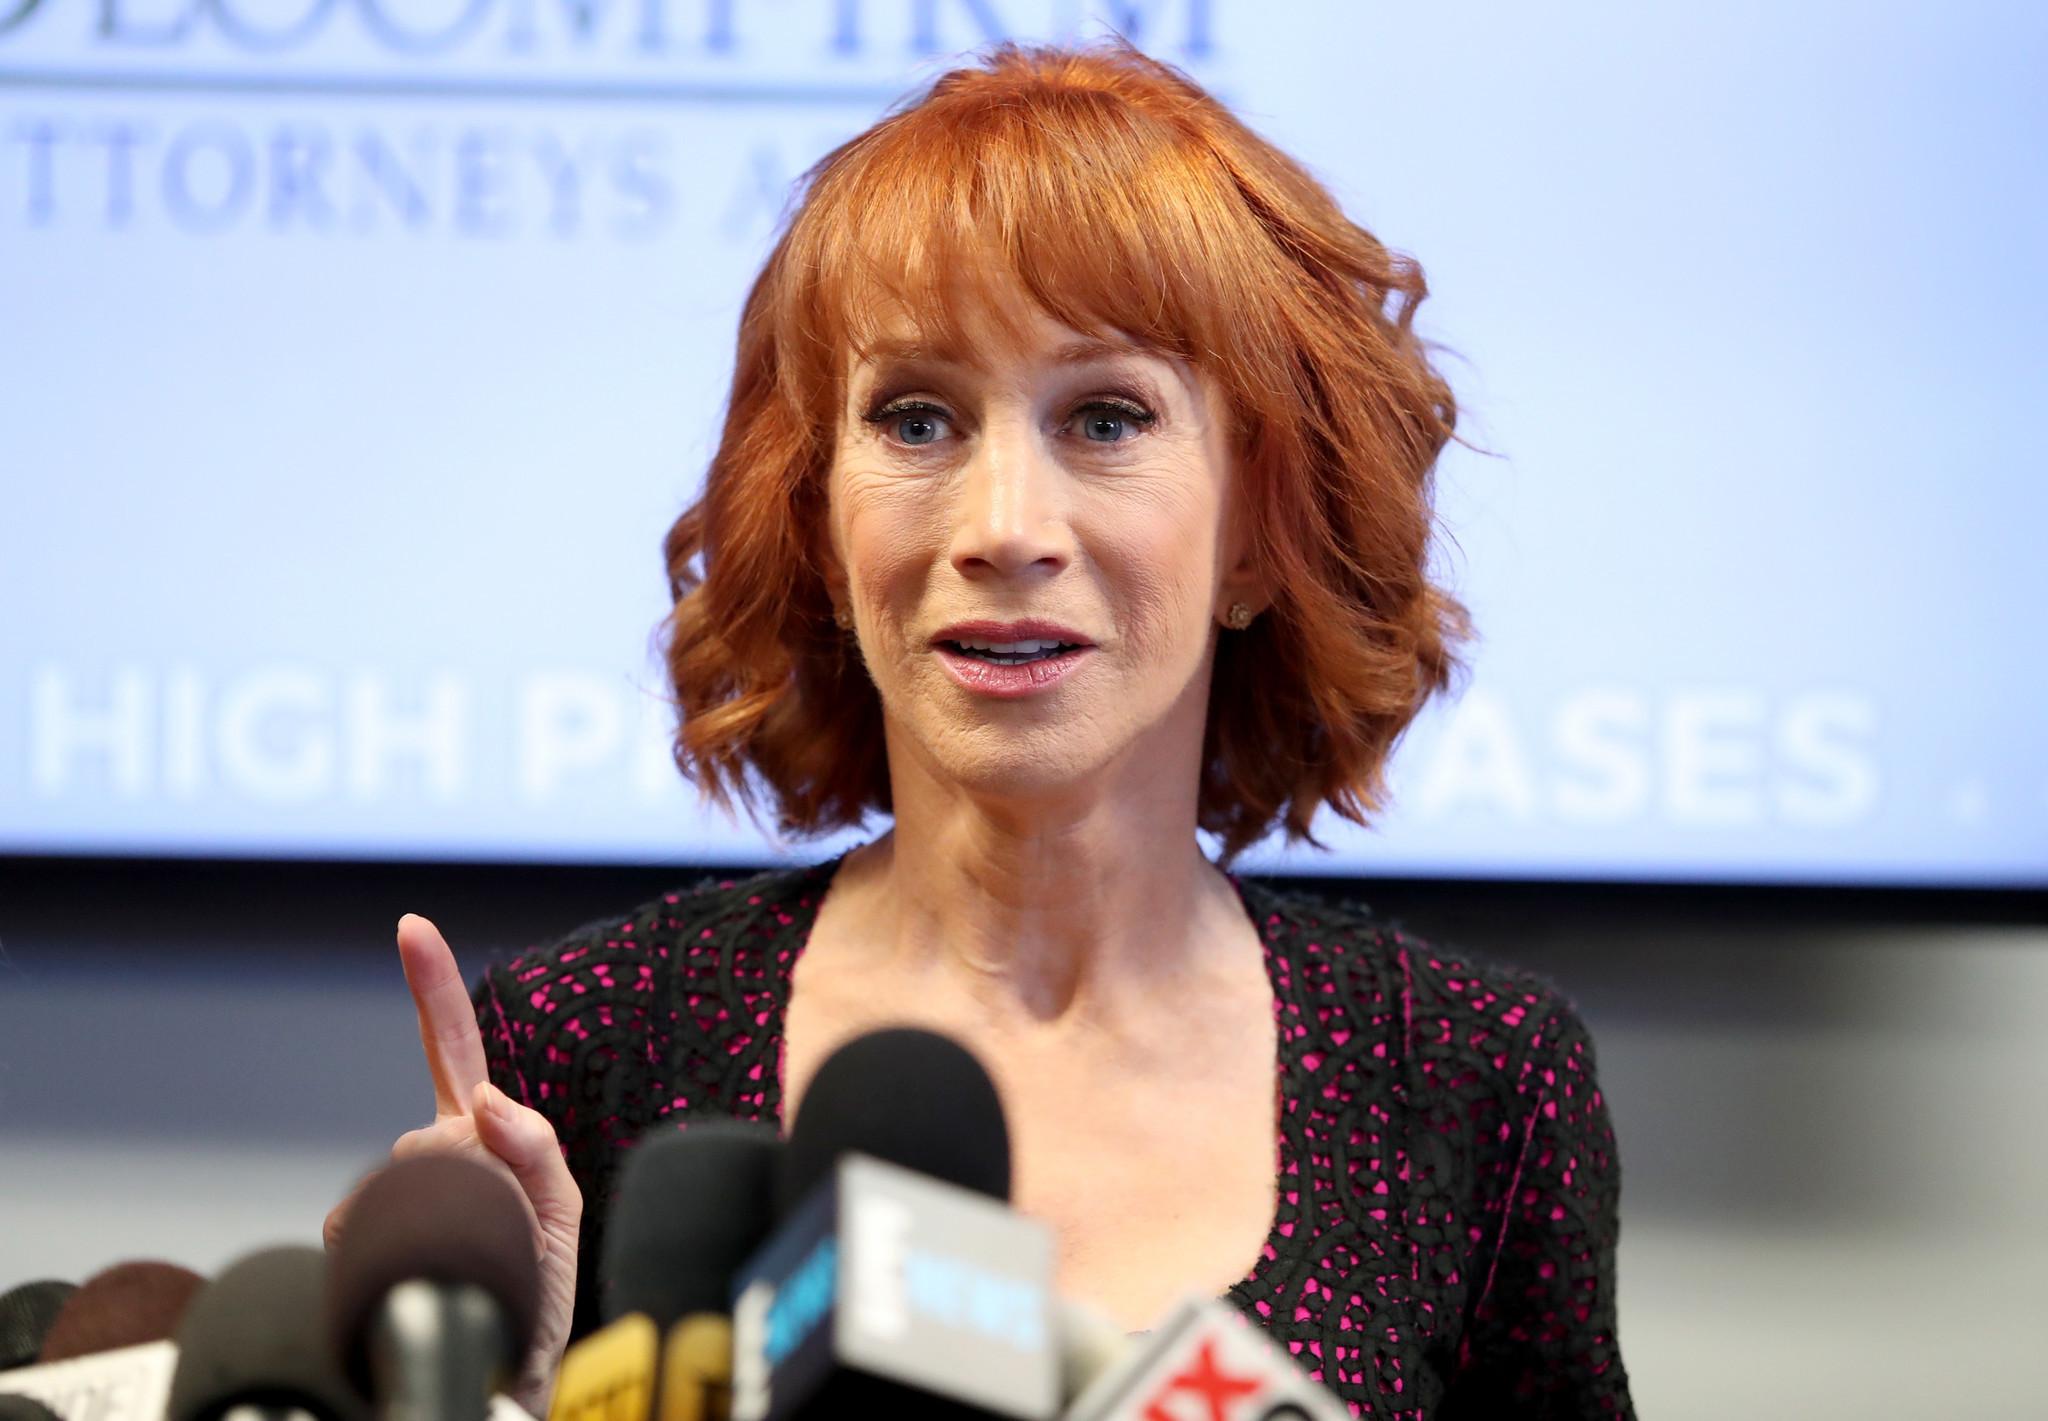 Amerikalı oyuncu Cathy Griffin hakkında bazı bilgiler